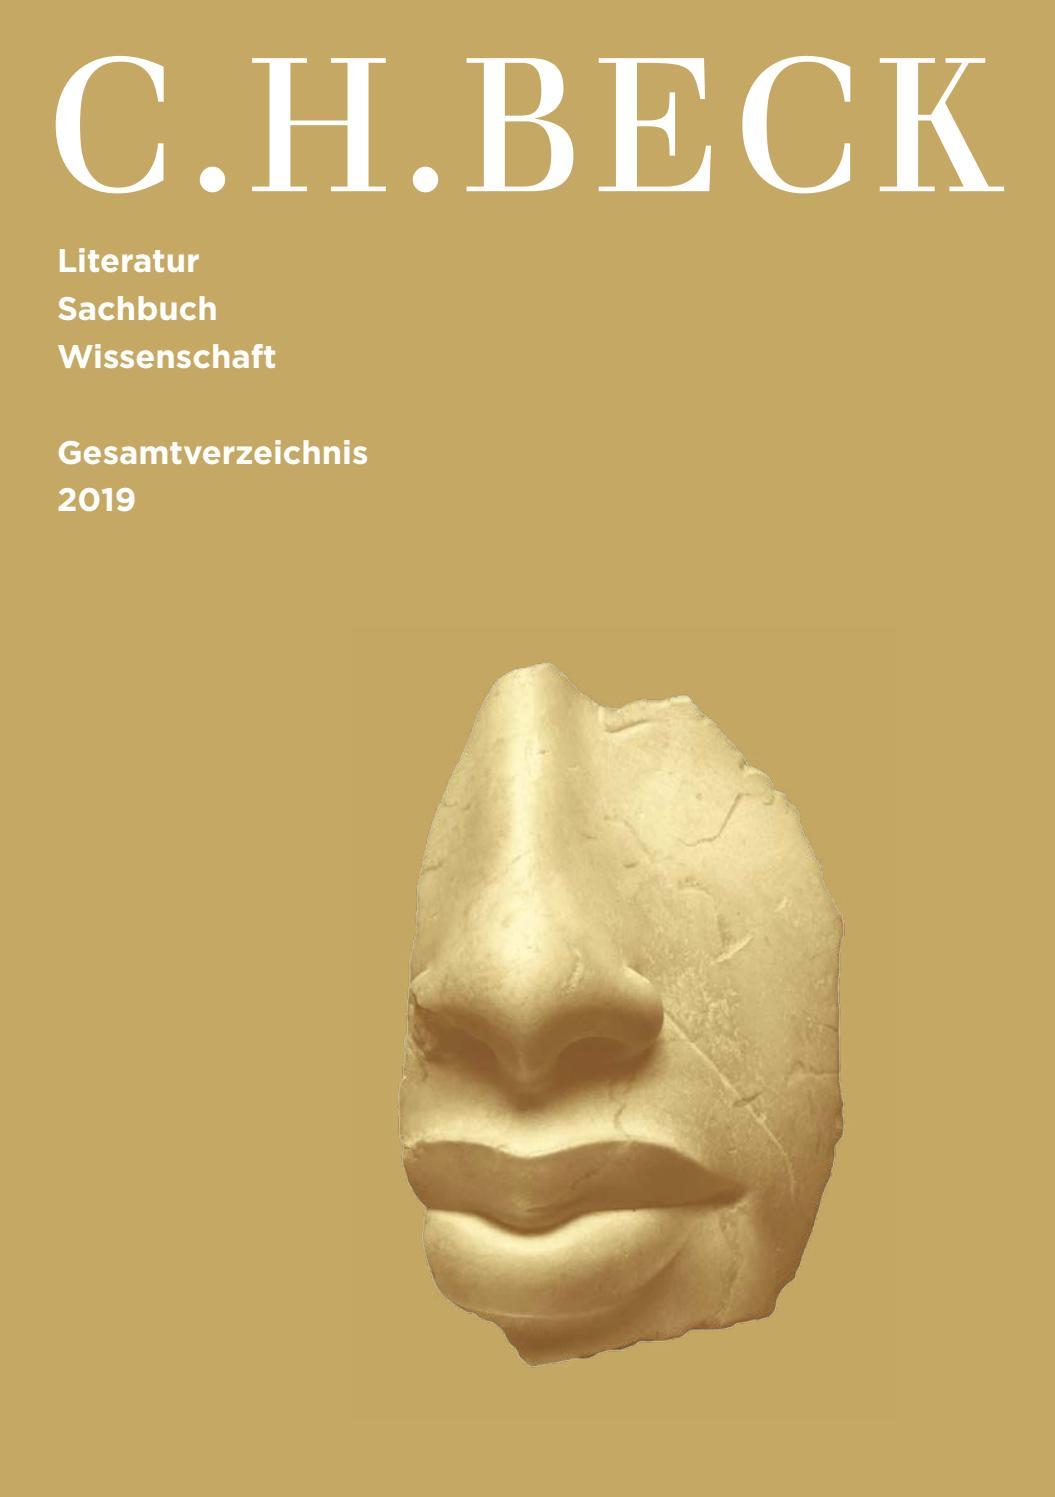 Gesamtverzeichnis Verlag C H Beck 2018 By Verlag C H Beck Issuu